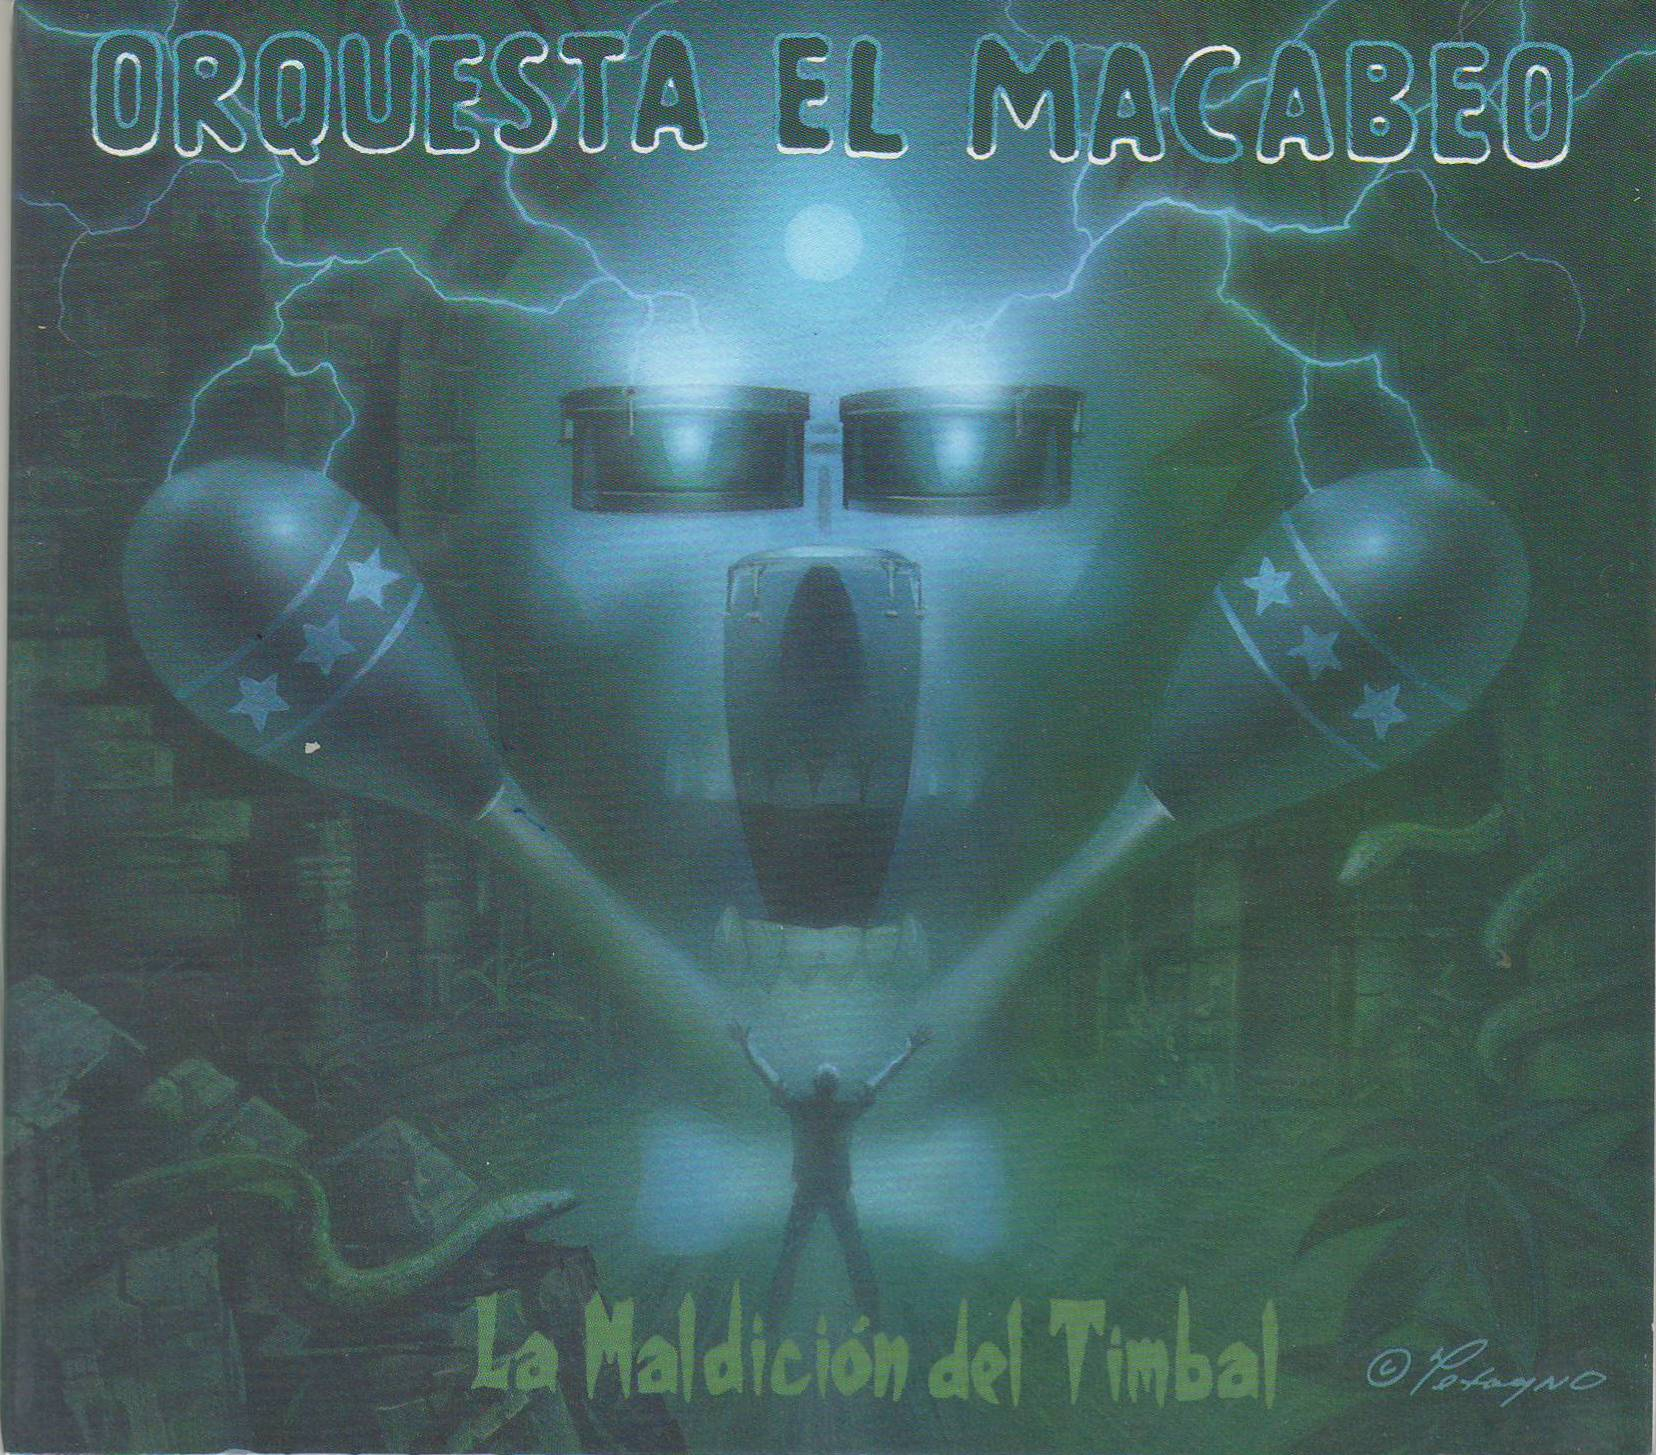 """""""La Maldición del tambor"""" ya ha sido editado en formato vinilo (lp). (archivo Fundación Nacional para la Cultura Popular)"""